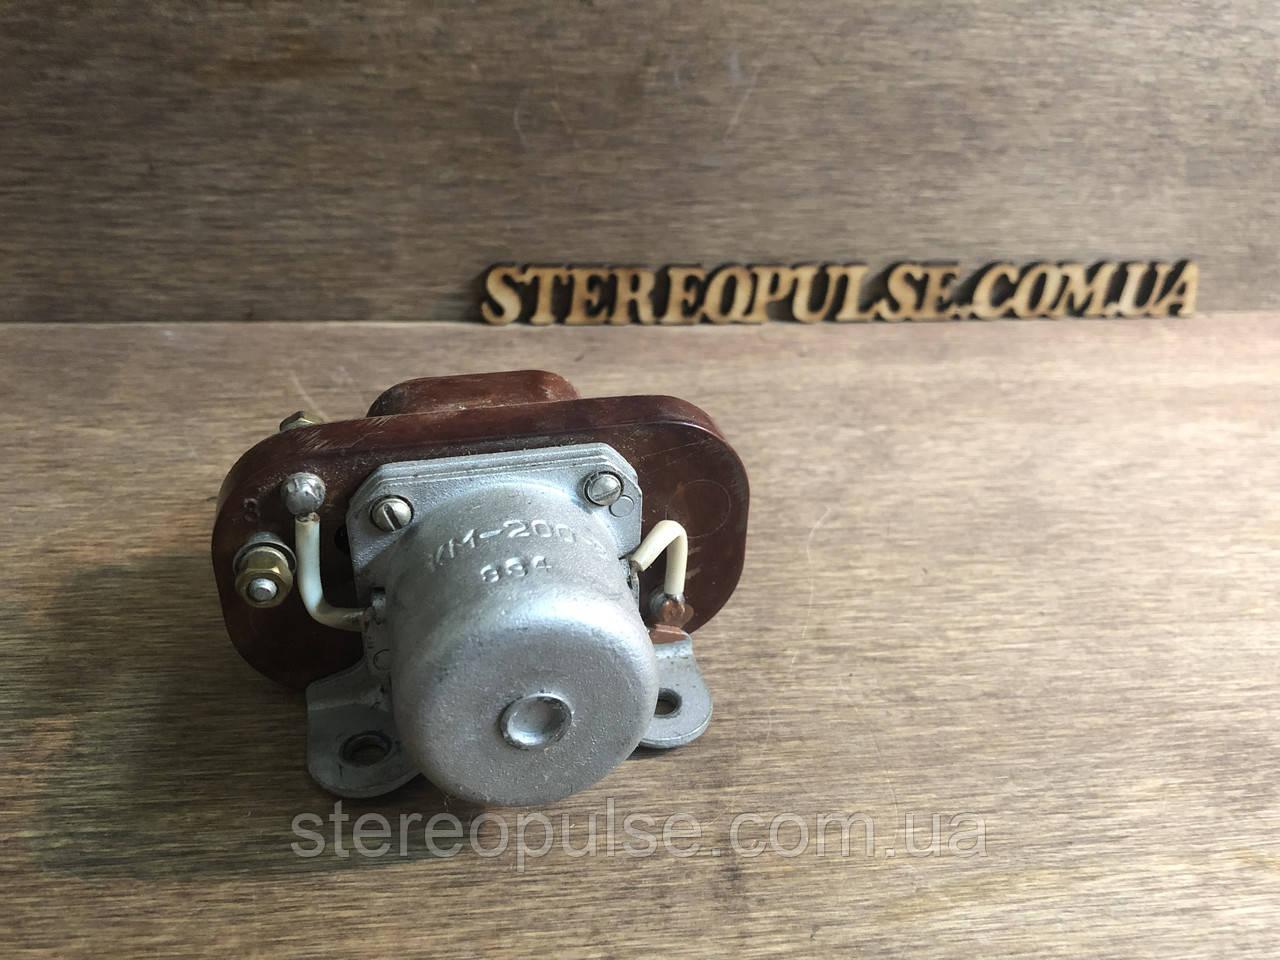 Контактор КМ-200-В